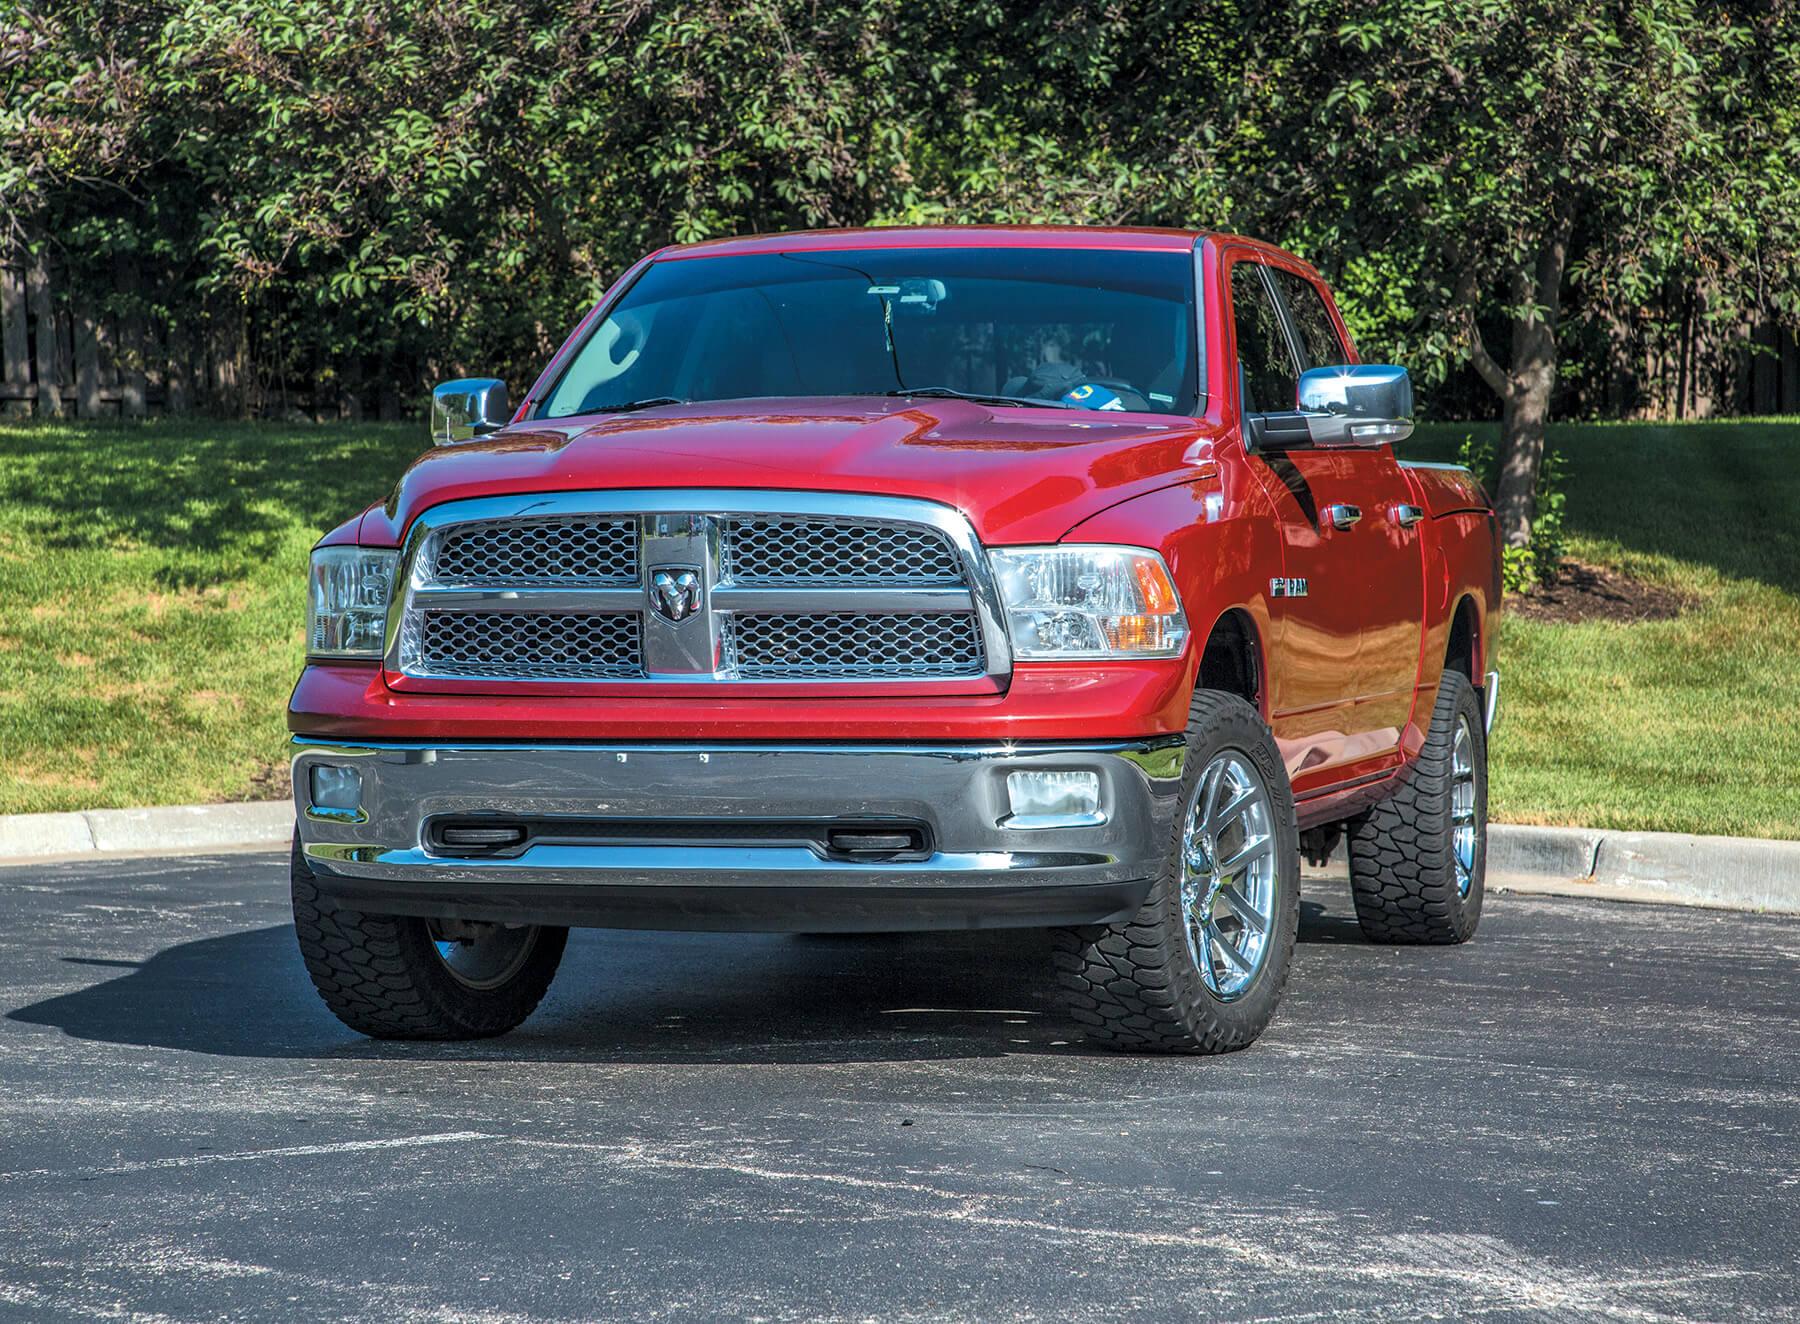 2009 Dodge Ram 1500 - Alex B  - LMC Truck Life